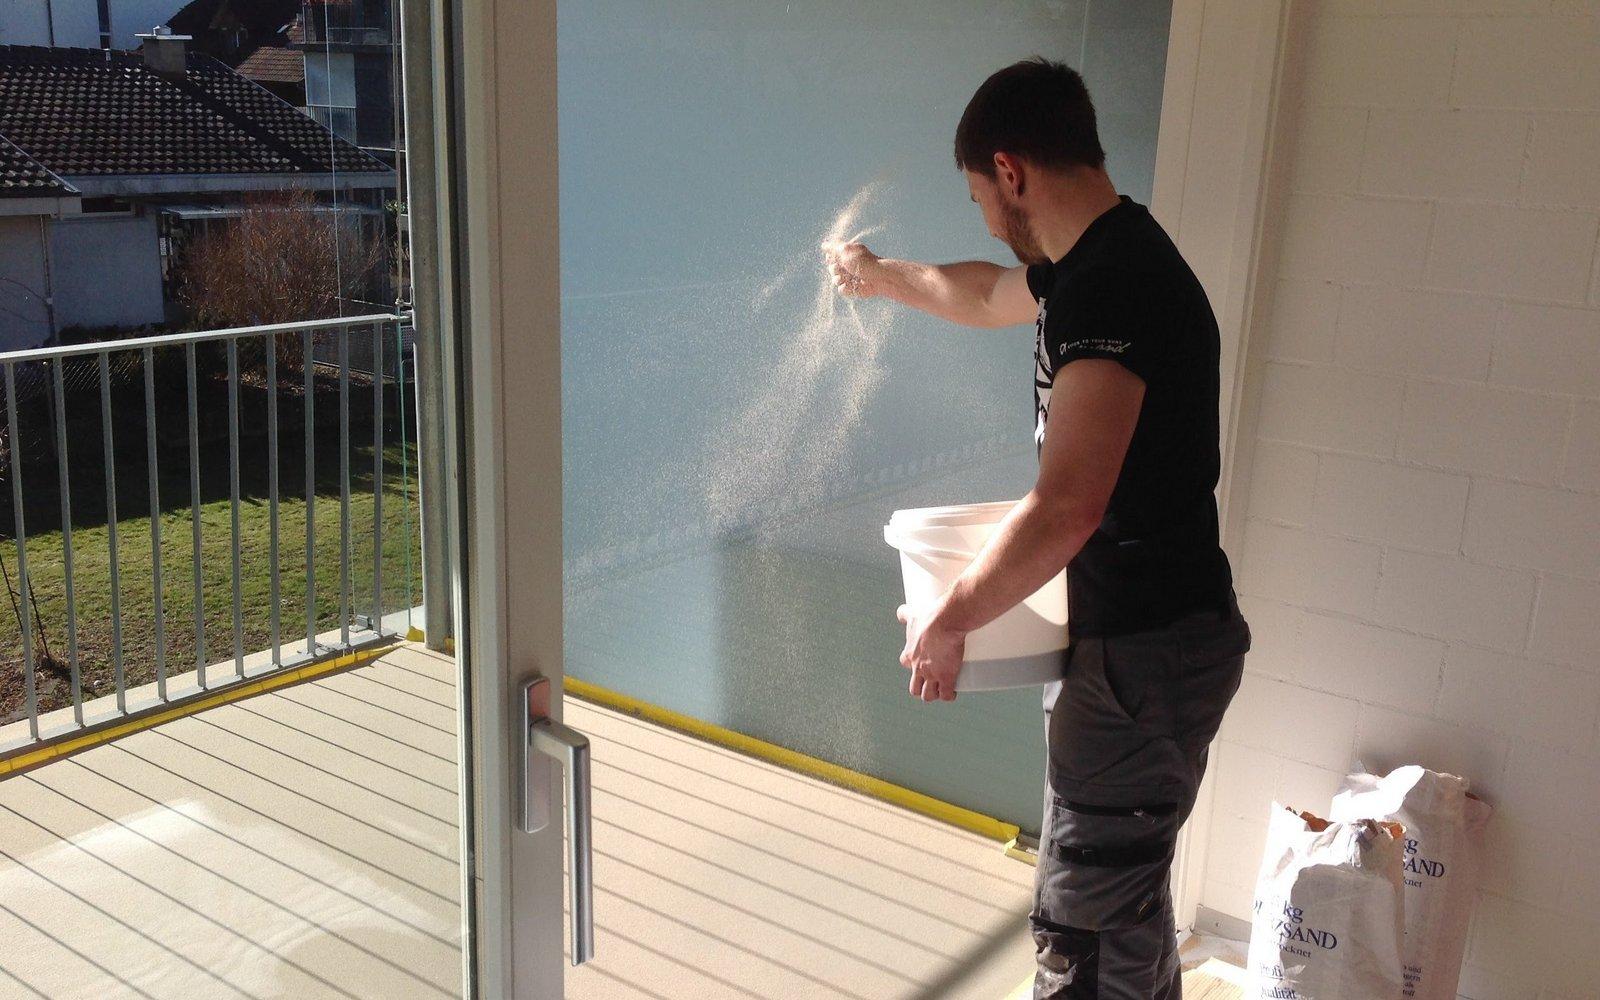 Kunstharzbeschichtung auf Balkon